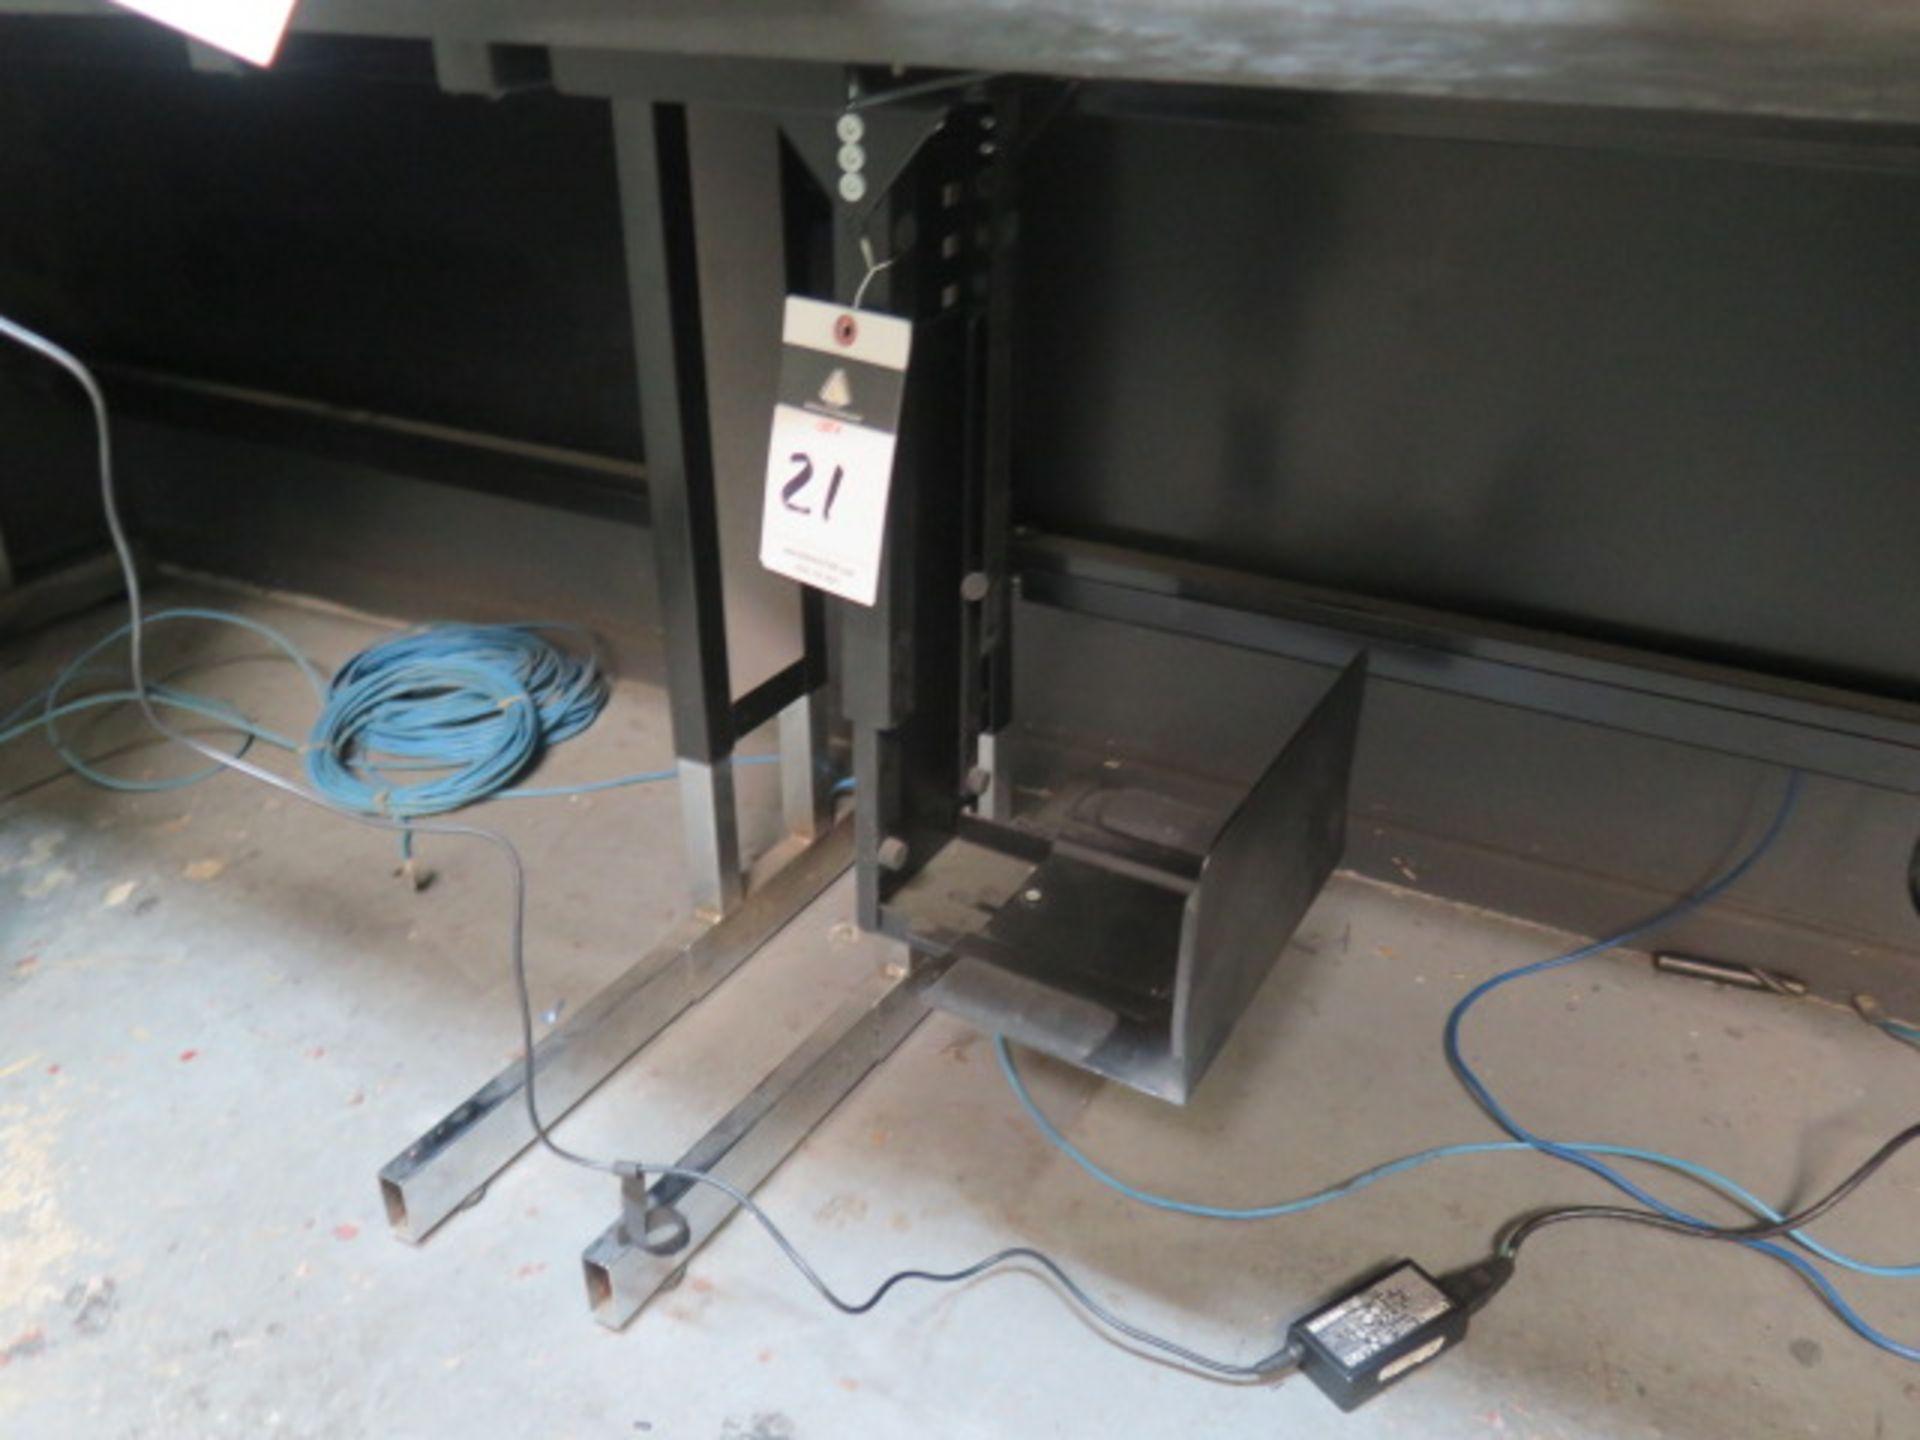 Lot 21 - Desks (2) (NO COMPUTER)